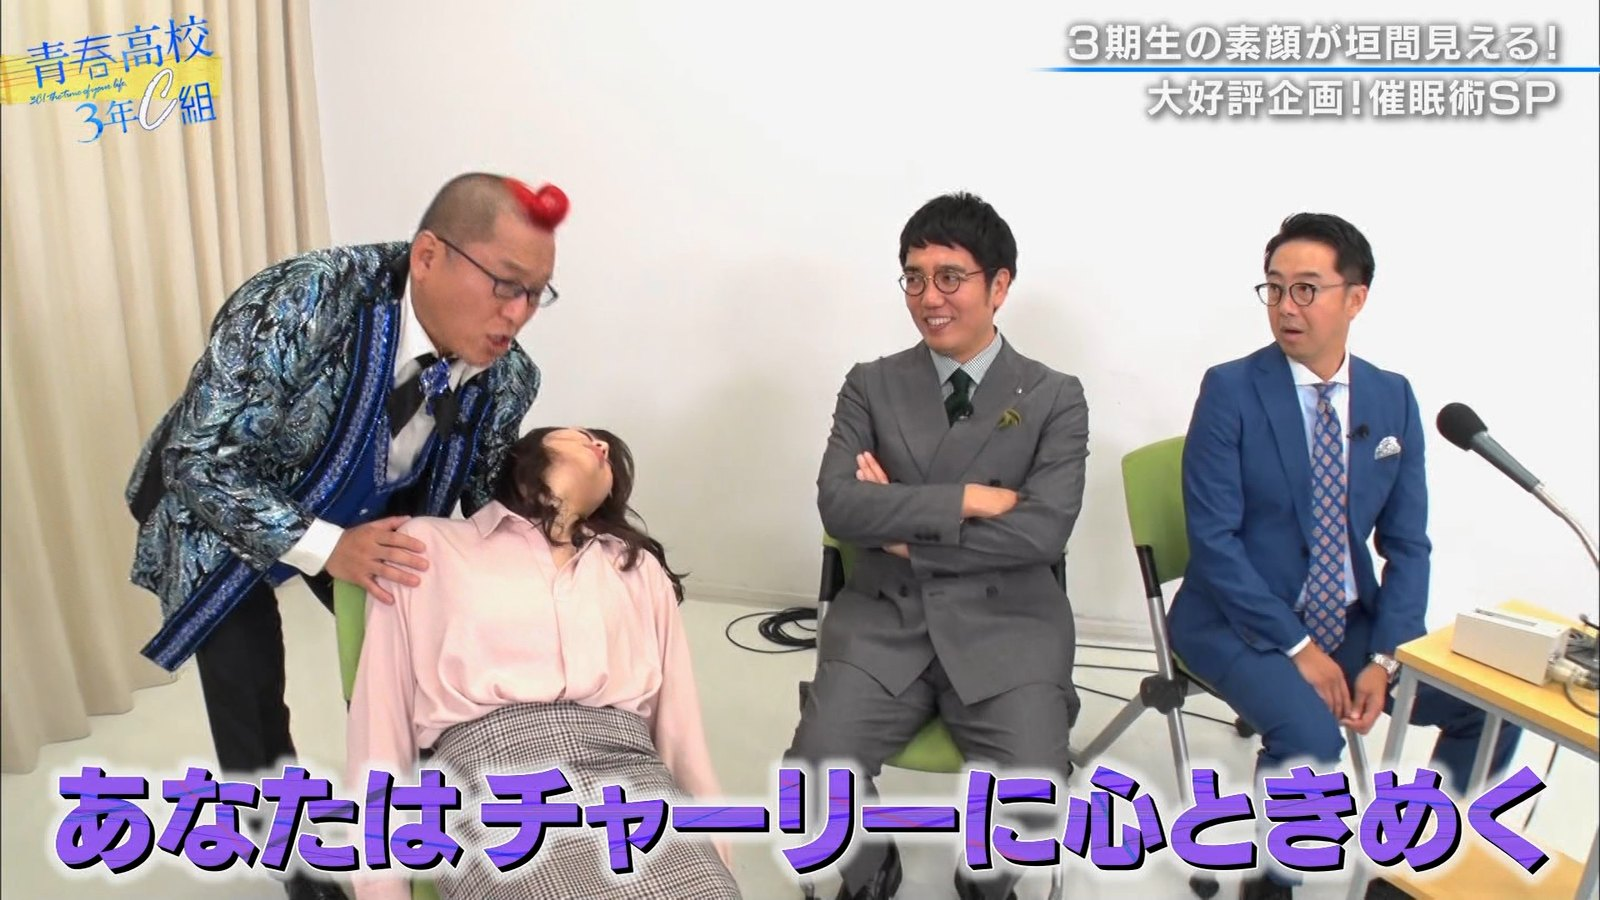 森香澄_女子アナ_乳揺れ_おっぱい_キャプエロ画像_34